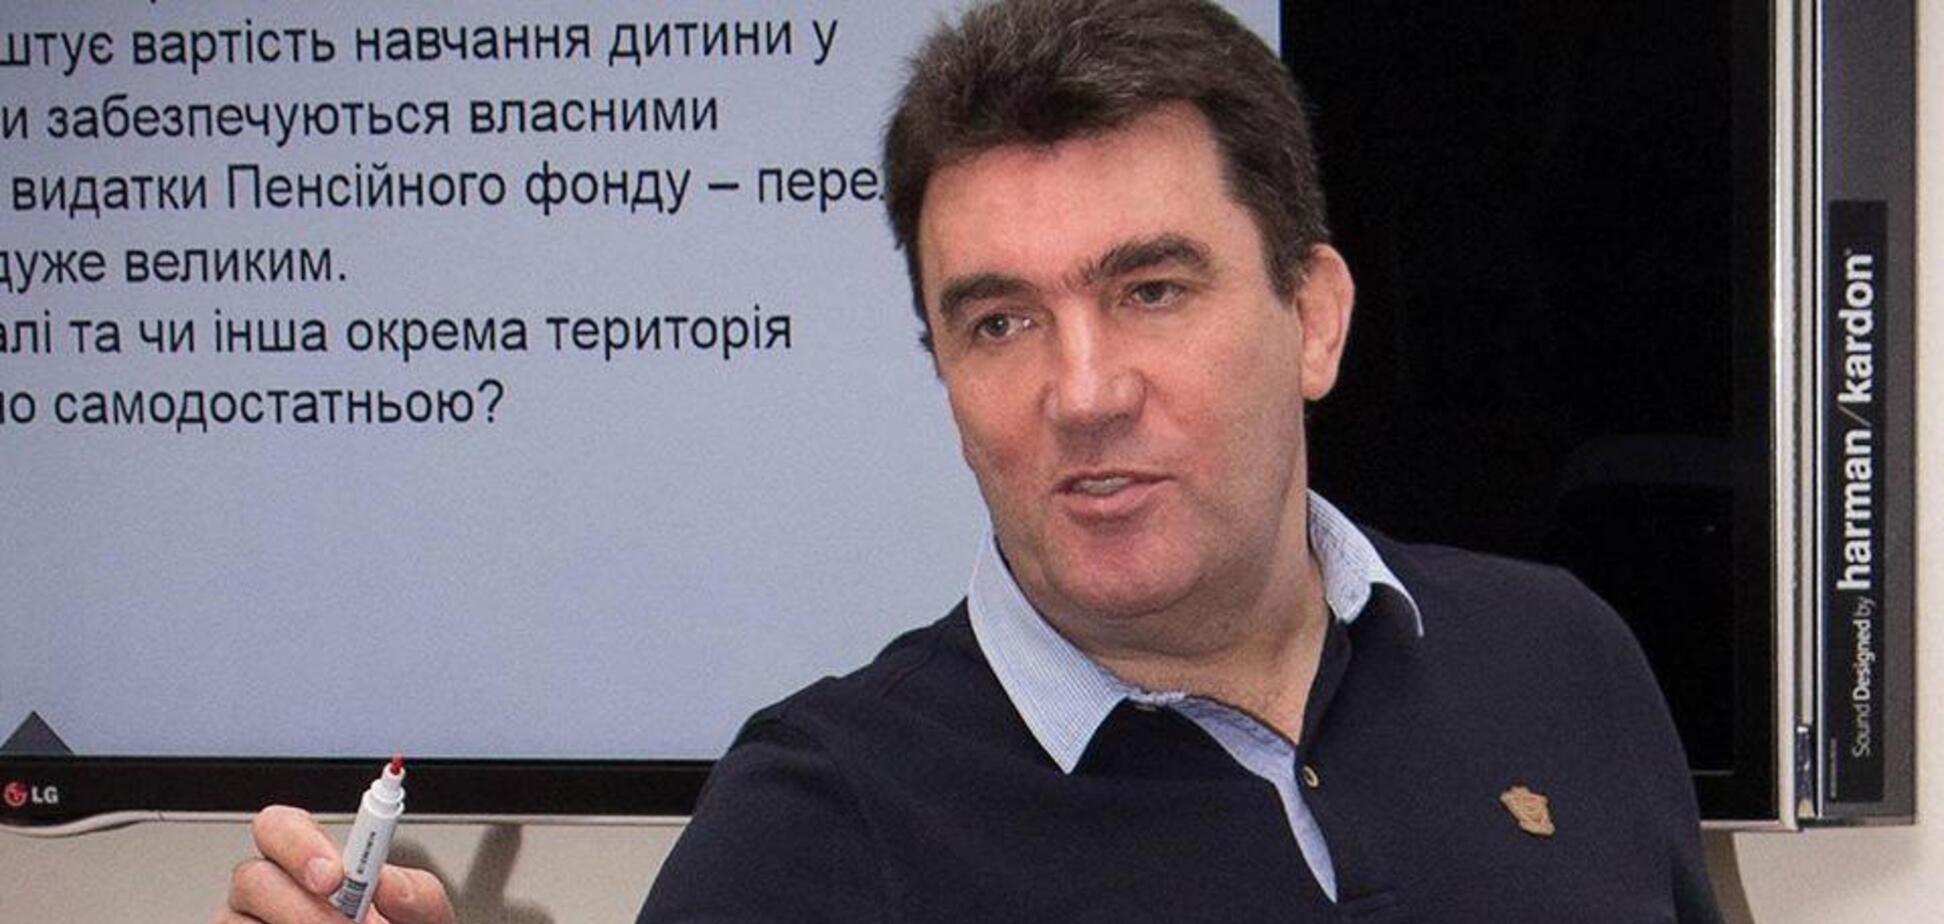 Зеленський призначив нового секретаря РНБО: ким він був раніше